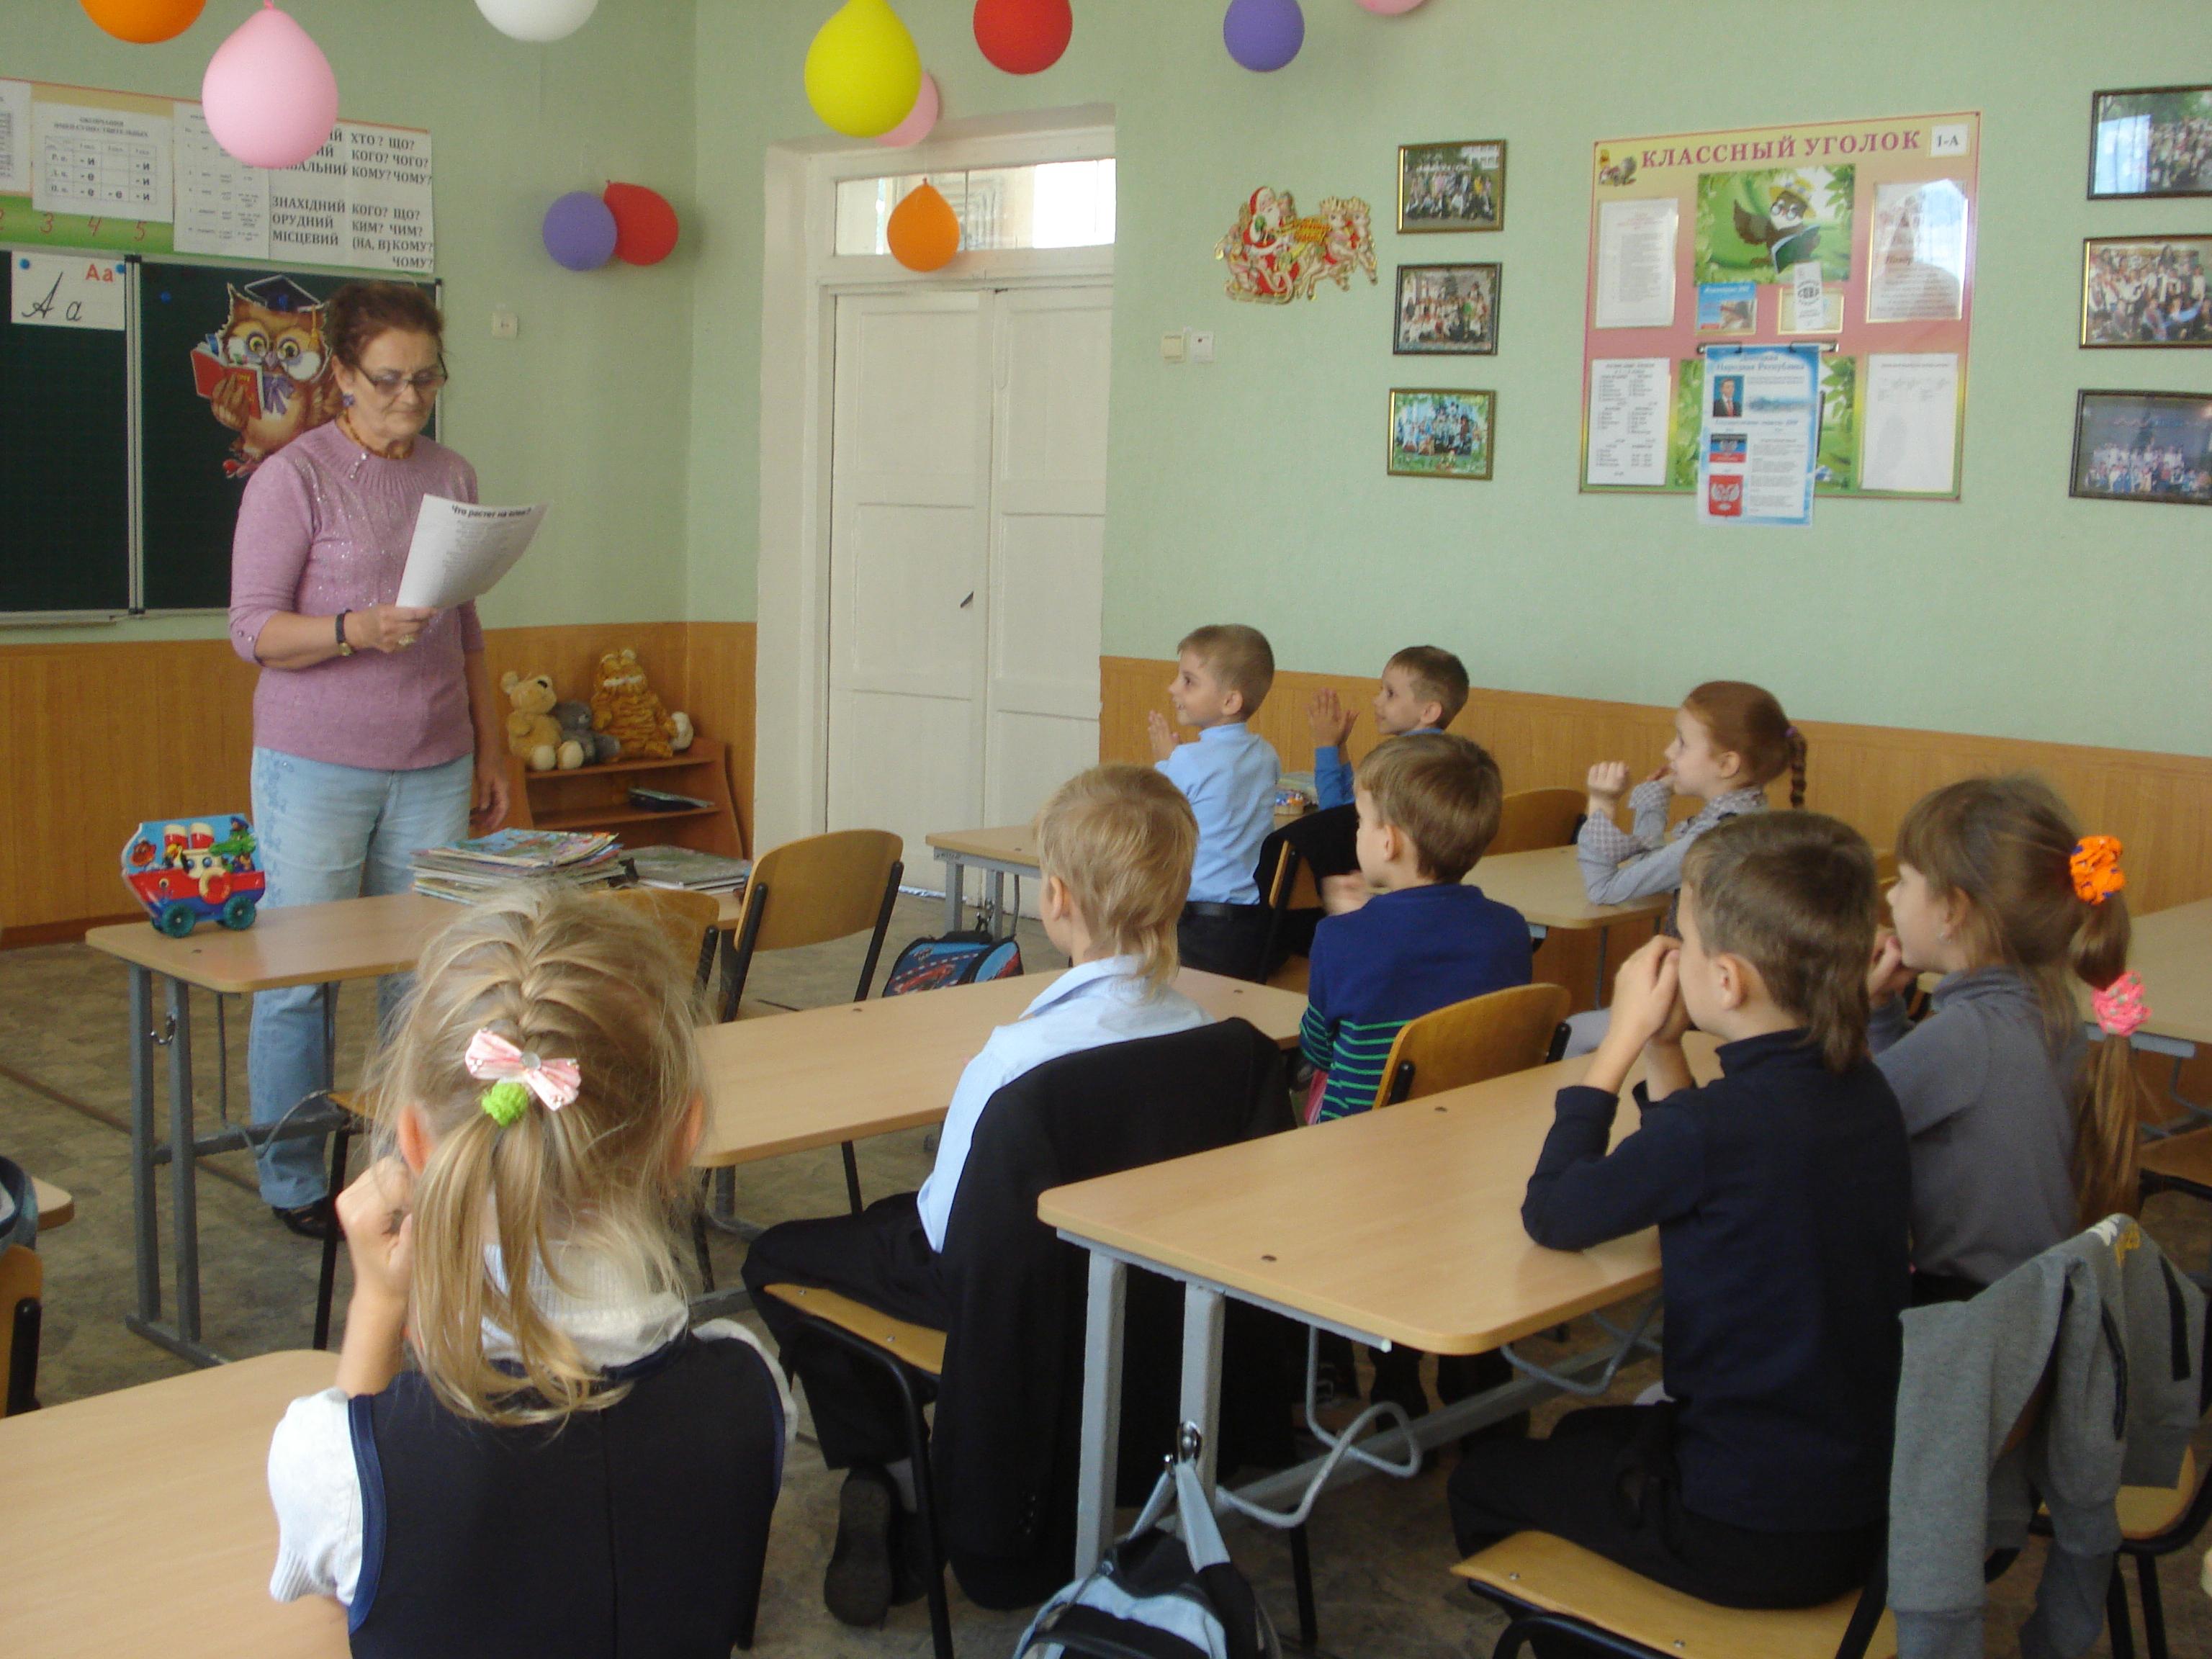 рассказ о профессиях, шахтерский край моя земля, донецкая республиканская библиотека для детей, отдел обслуживания дошкольников и учащихся 1-4 классов, занятия с детьми